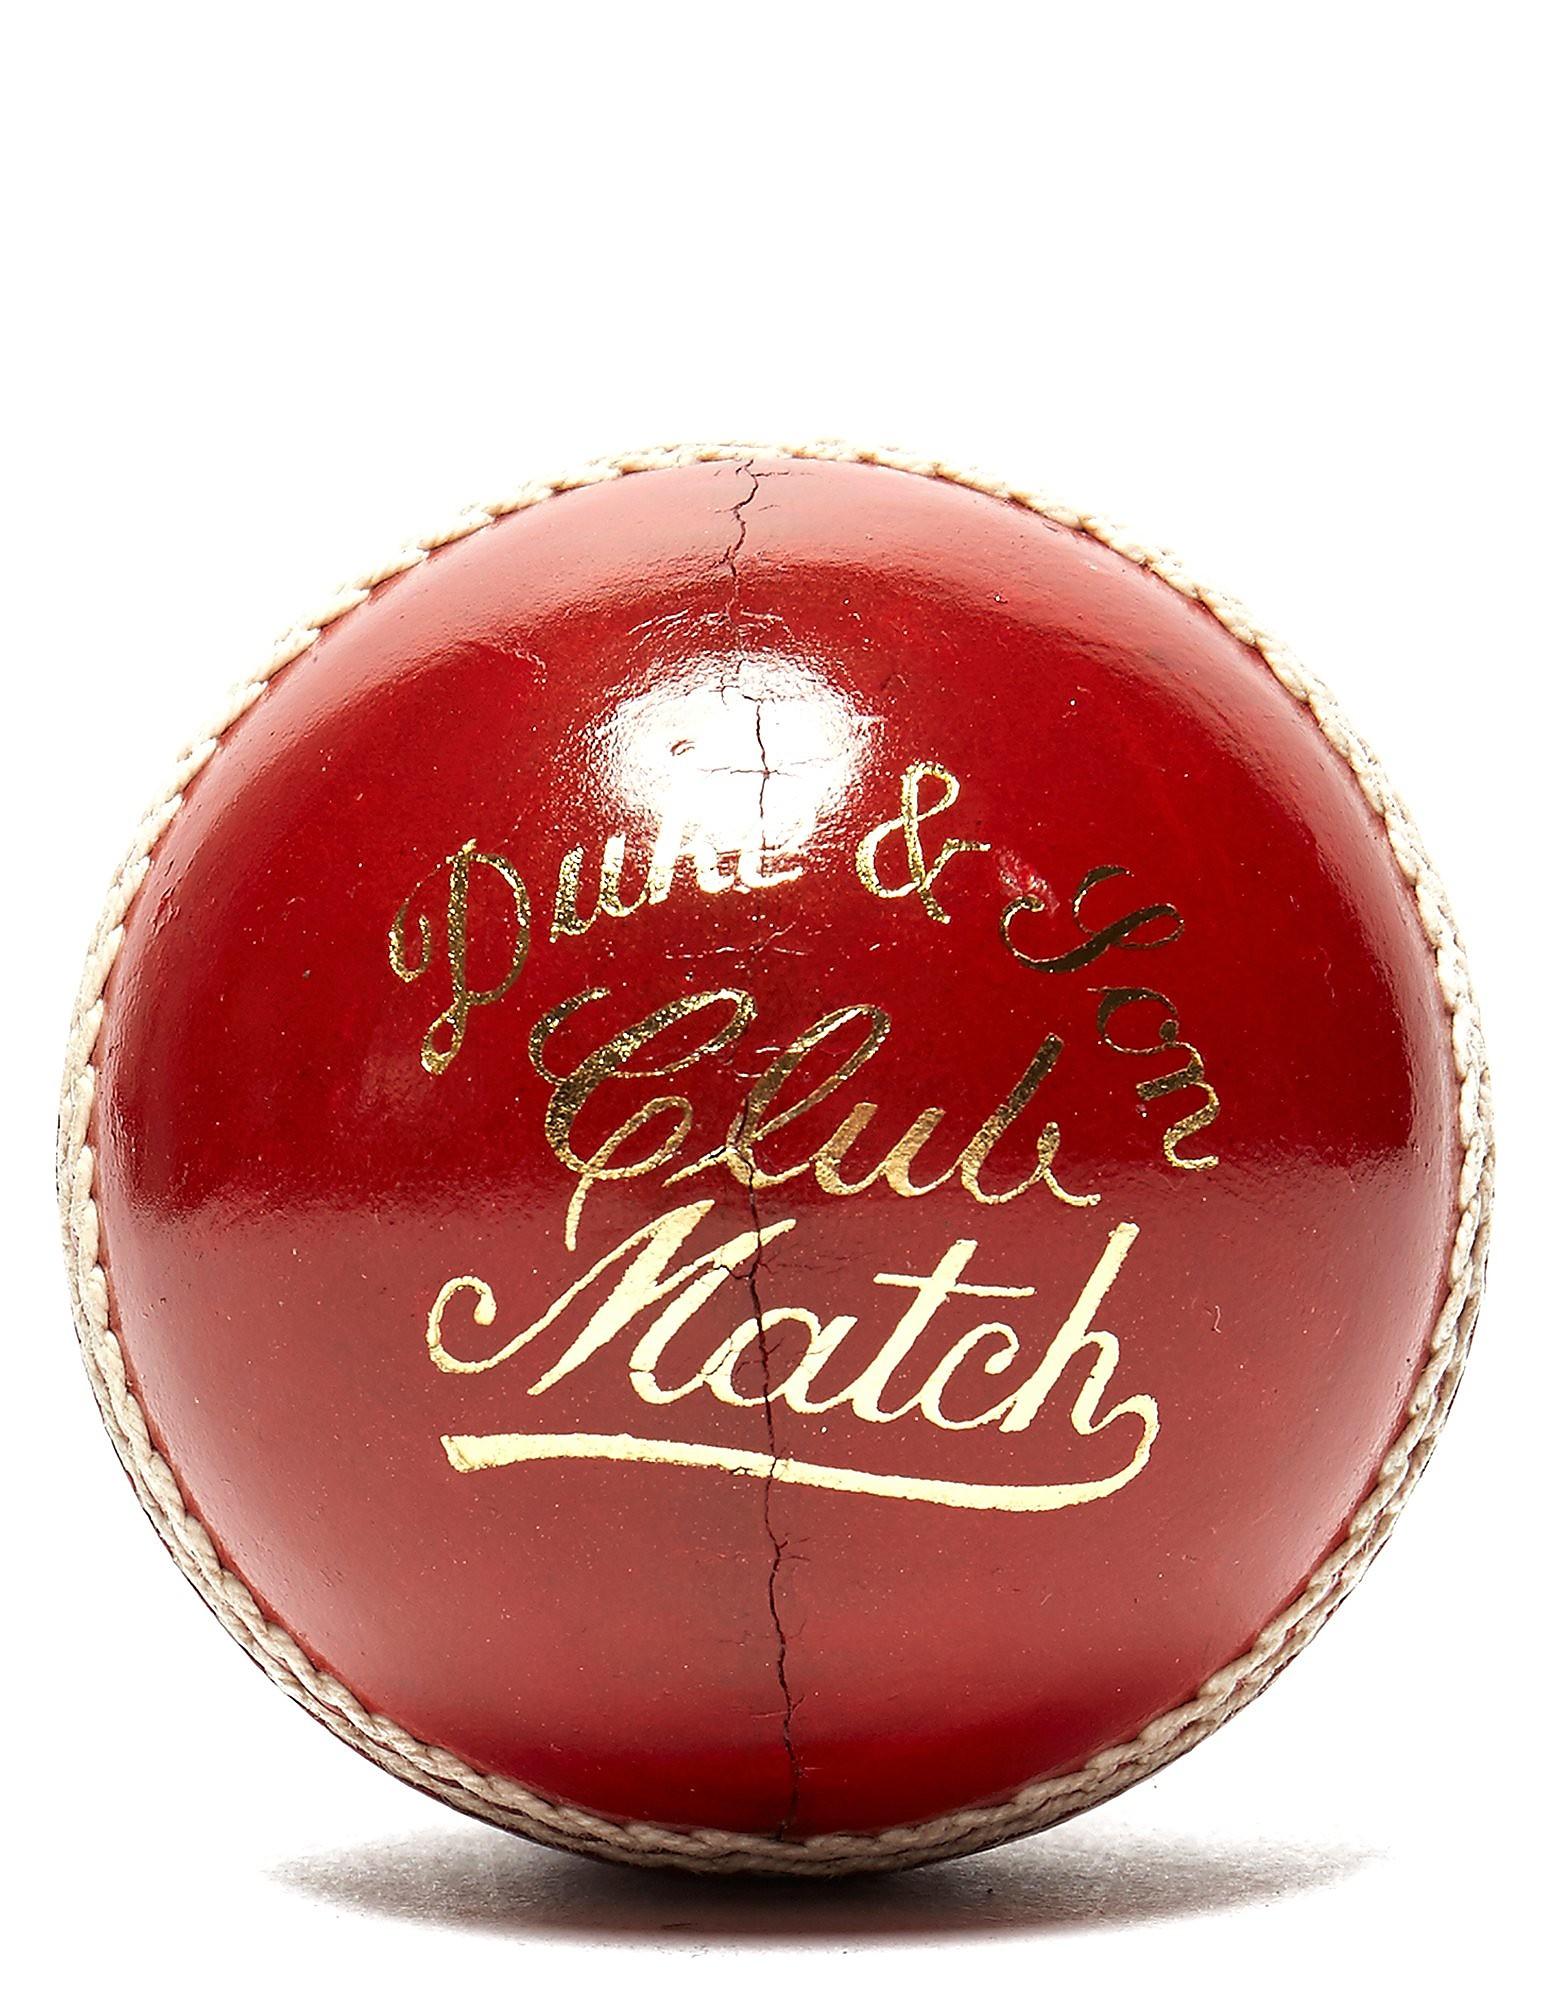 Dukes Club Match Cricket Ball